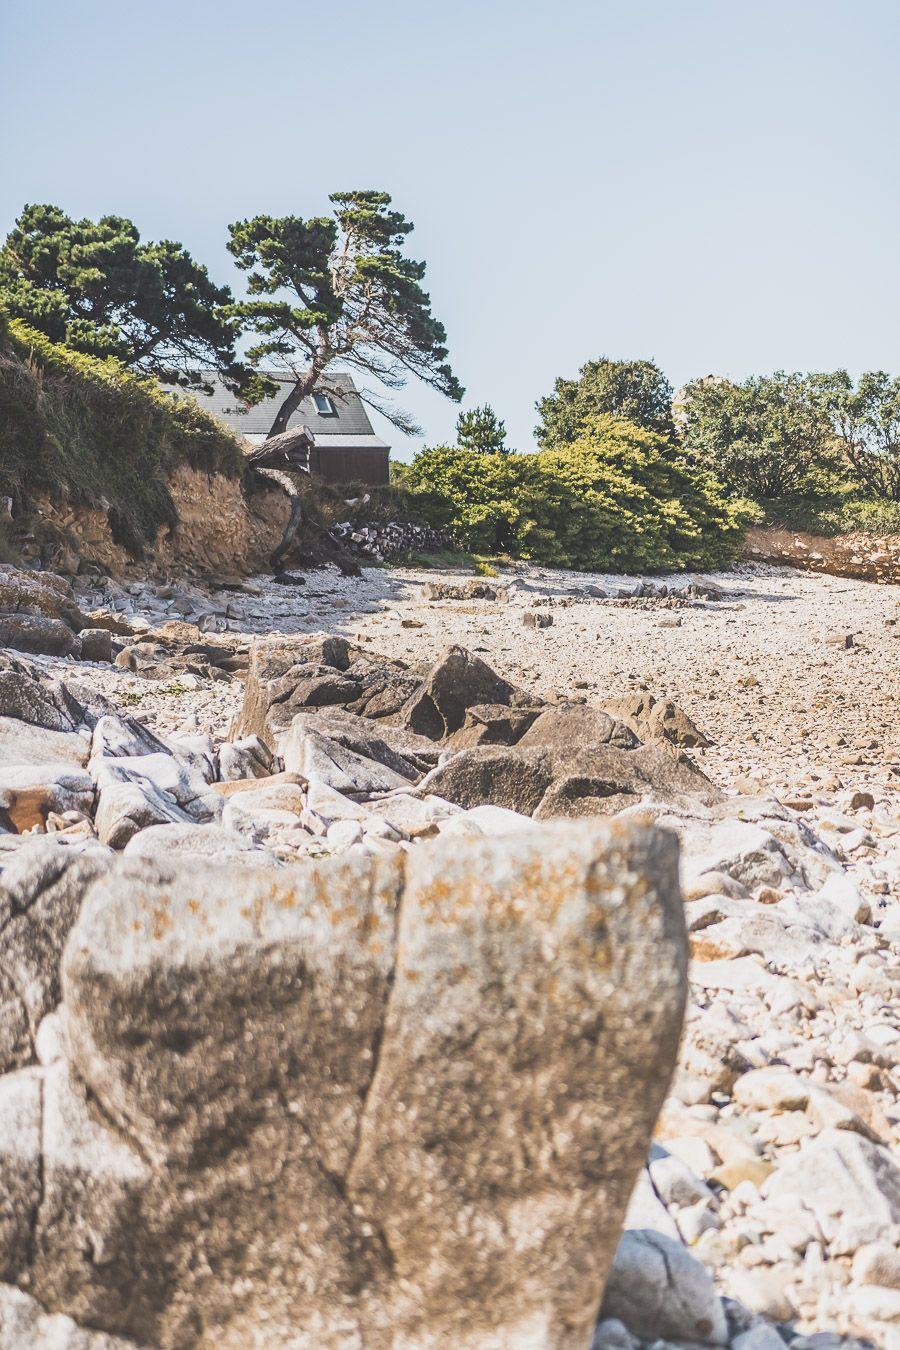 Tu planifies ton voyage en Bretagne et tu te demandes que visiter dans le Finistère ? Trouve le meilleur du Finistère sur notre blog! #finistere #bretagne #weekend #france #vacances / Vacances en Bretagne / Vacances dans le Finistère / Road trip en Bretagne / Vacances en France / Travel in France / Voyages / Vacances en France / Voyage en France / Bretagne paysage / Bretagne Finistère / Bretagne France / Bretagne visite / Bretagne voyage / Bretagne vacances / Destinations de voyages / Europe